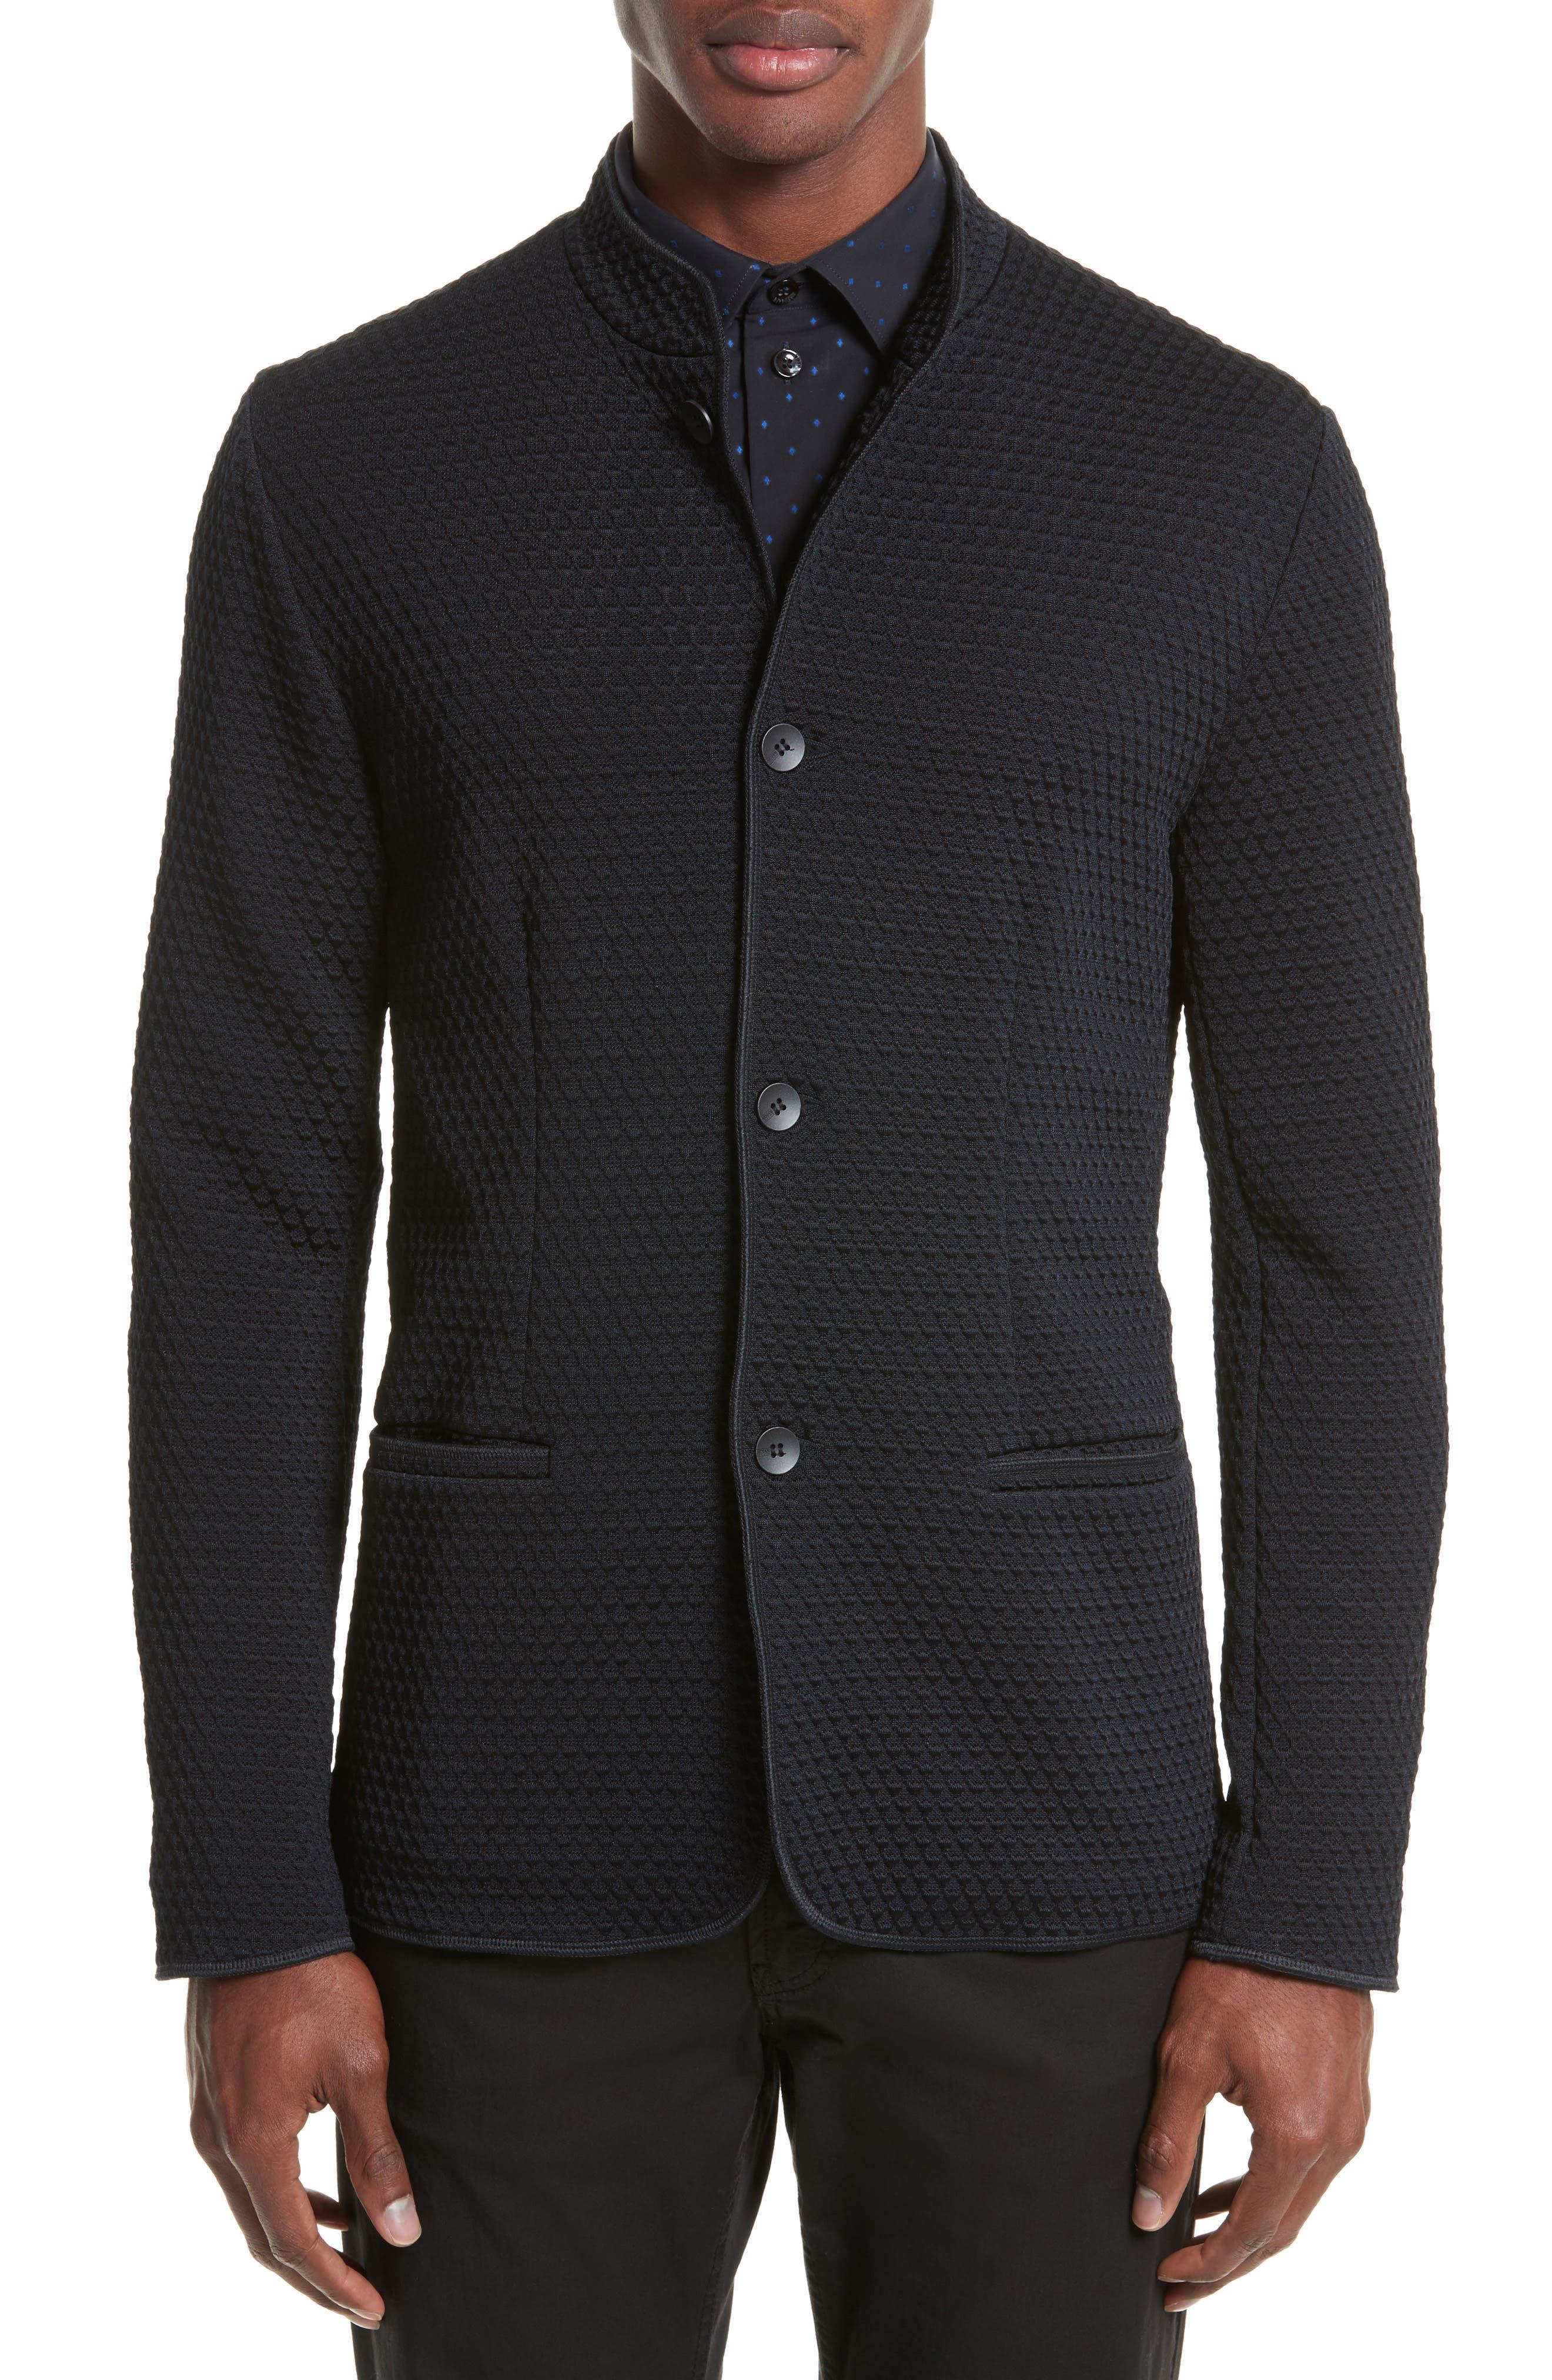 Main Image - Armani Collezioni Jacquard Button Front Sweater